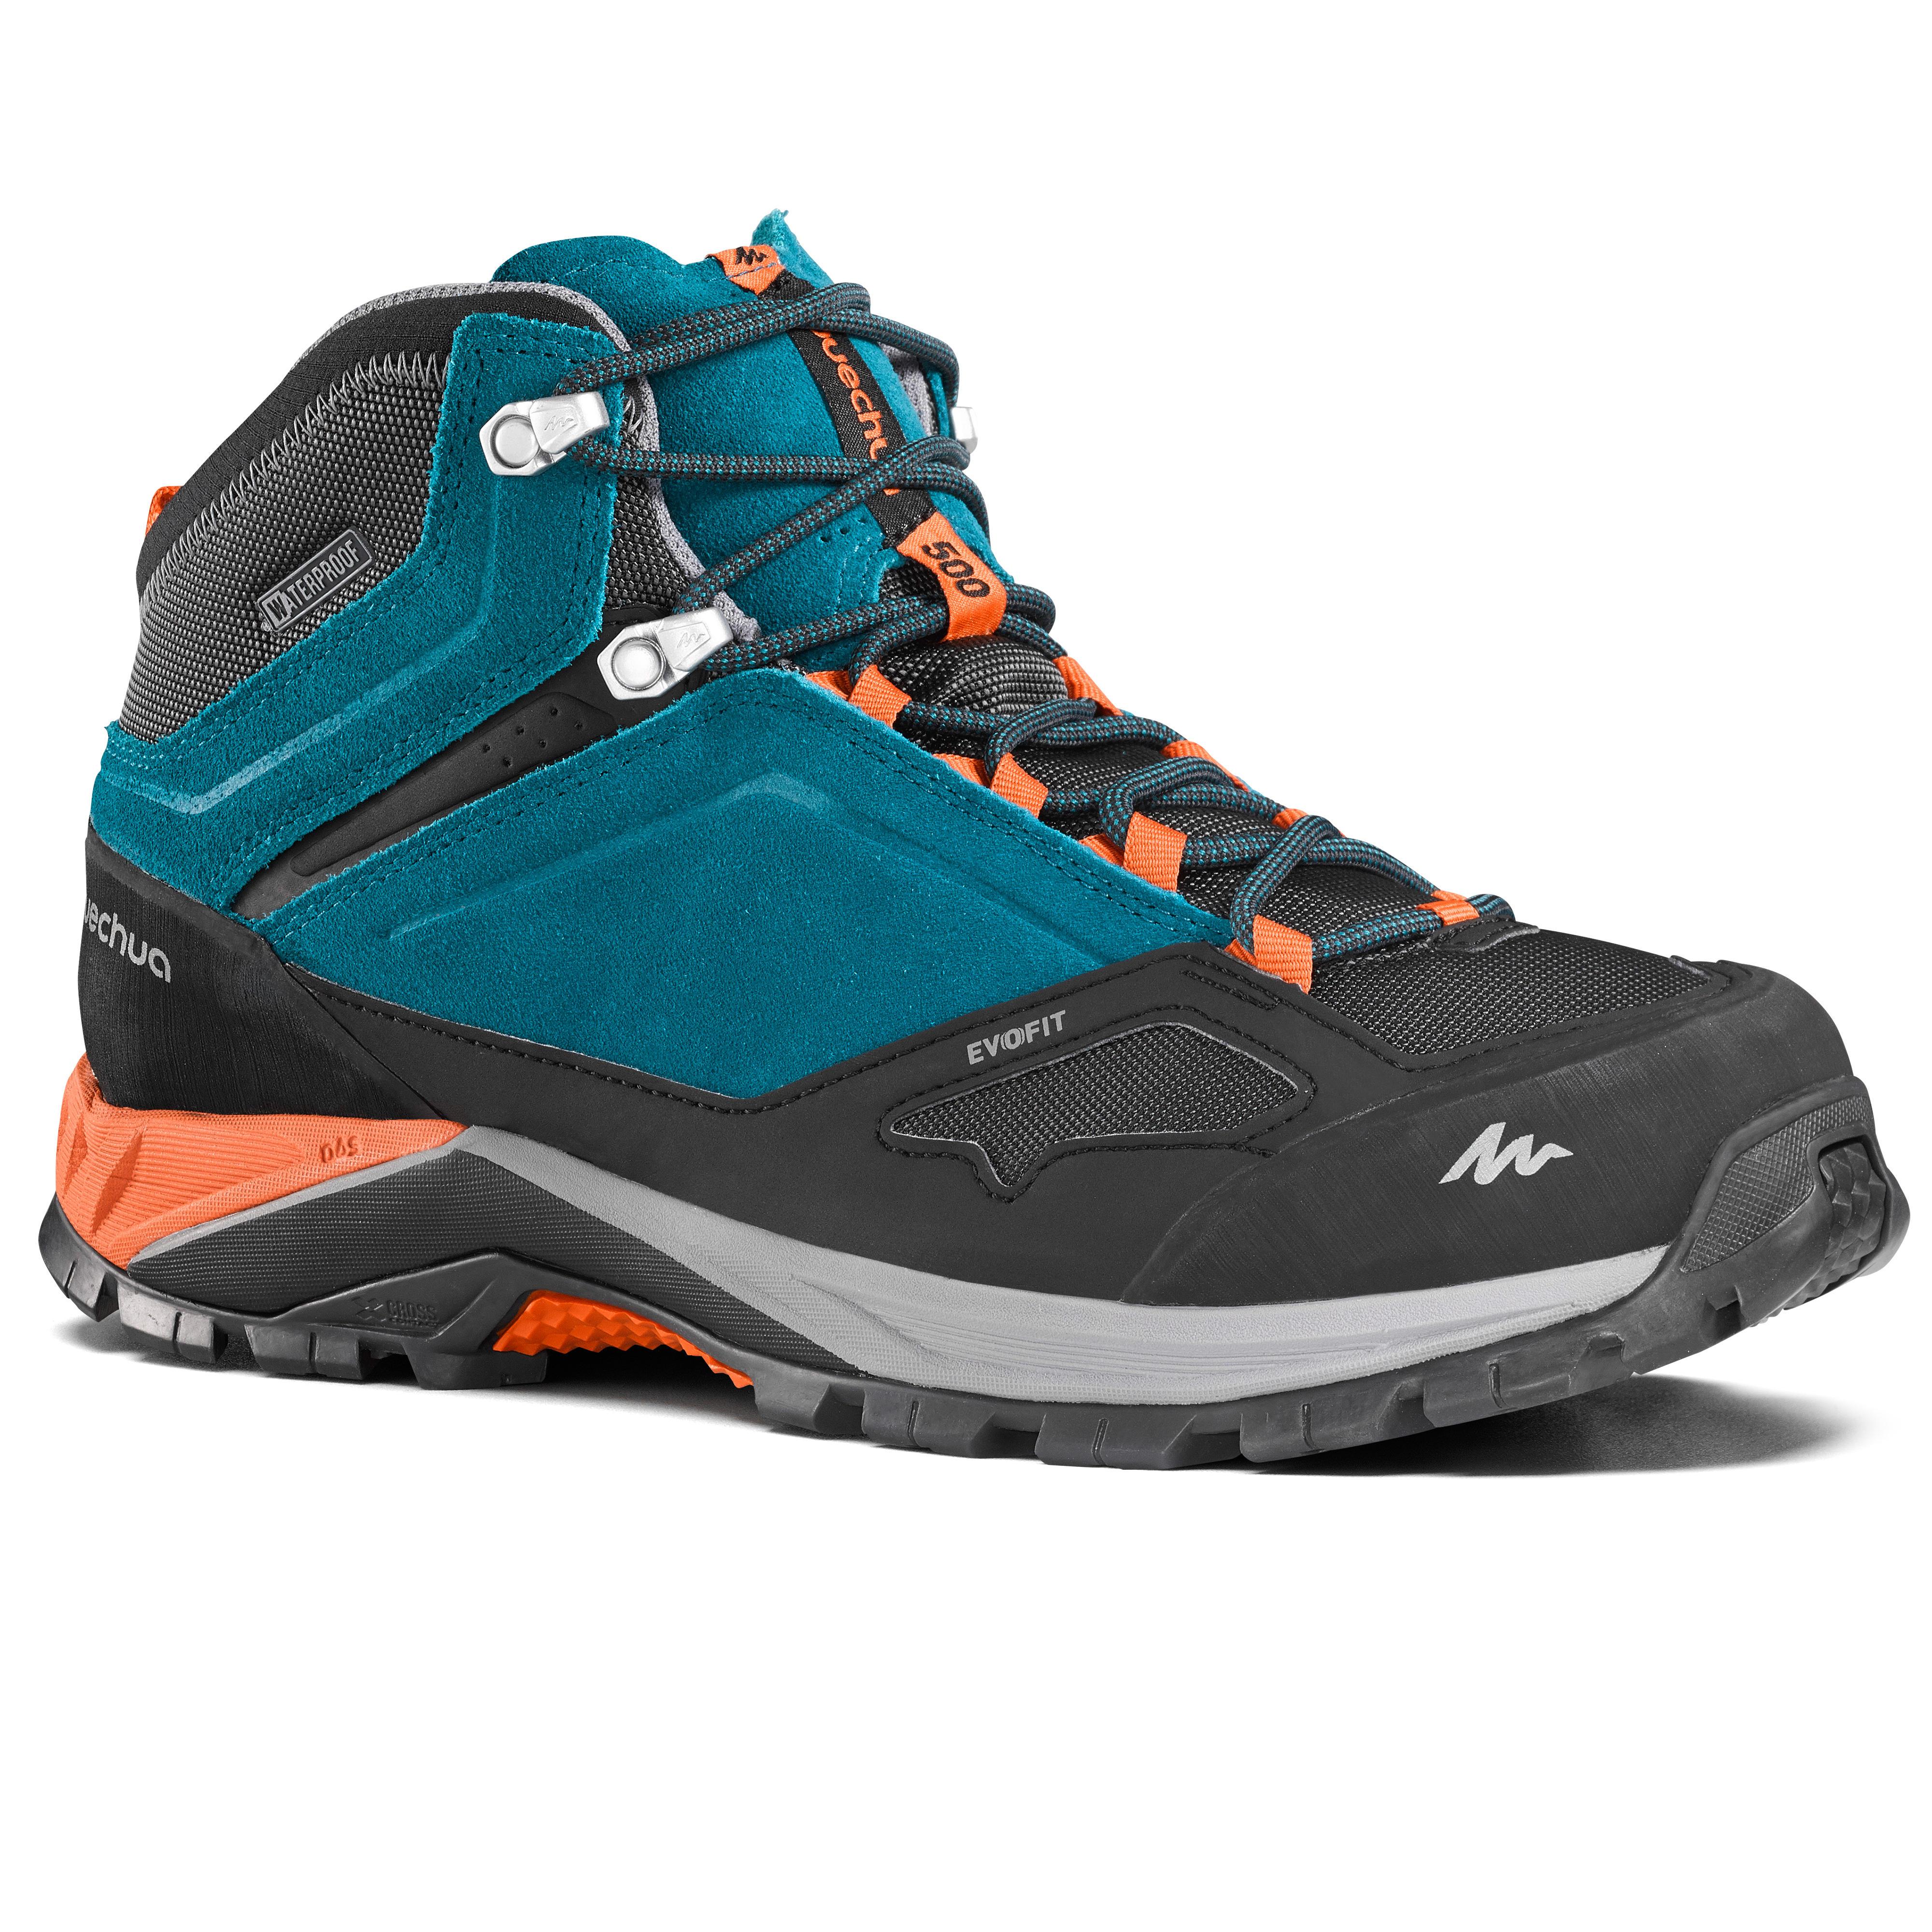 Comprar Botas de Montaña y Trekking  8a0b2e36ca248